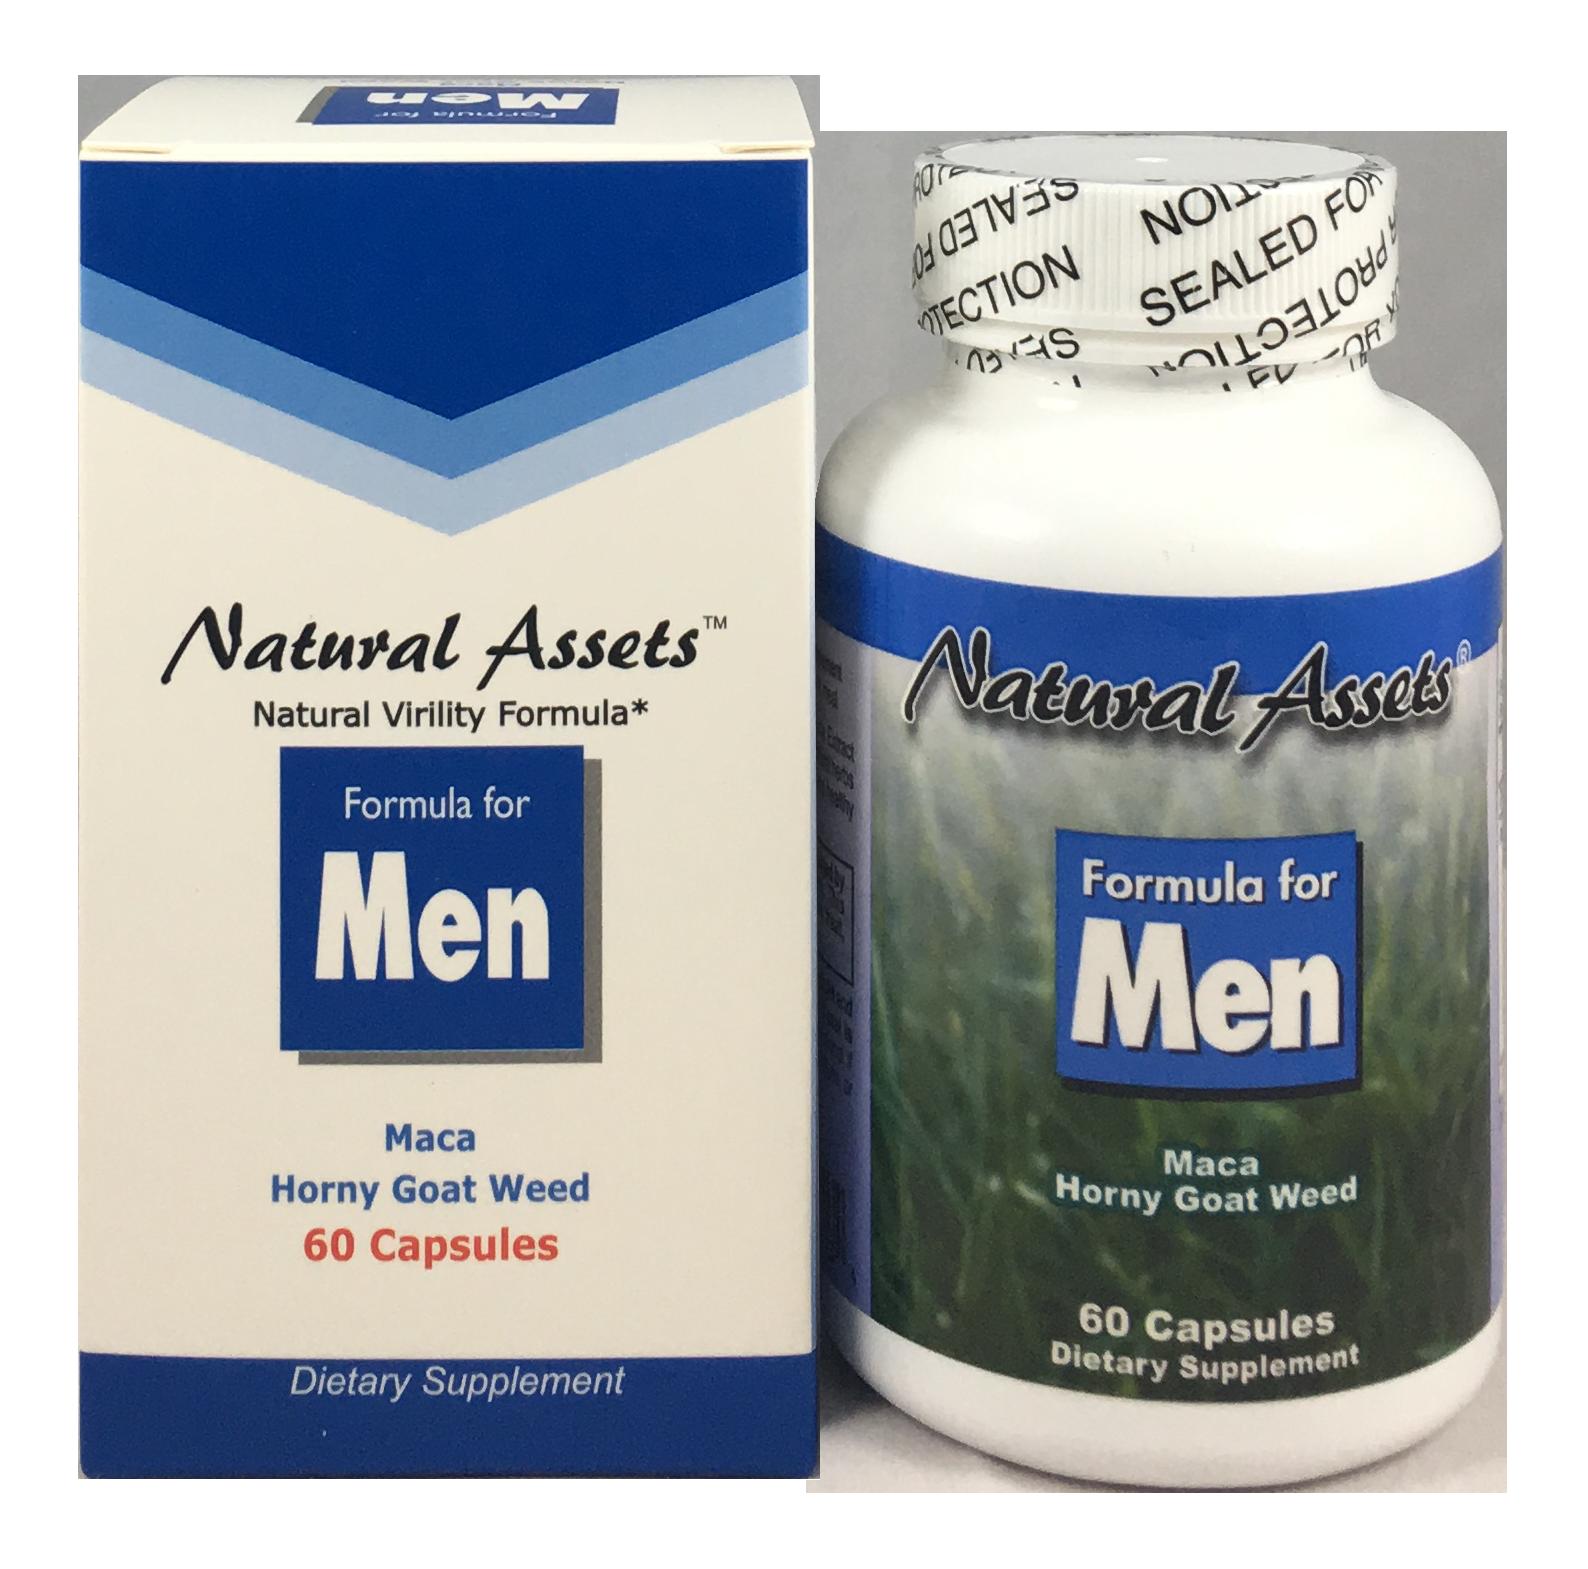 Công dụng của thực phẩm bảo vệ sức khỏe Formula for men là gì?